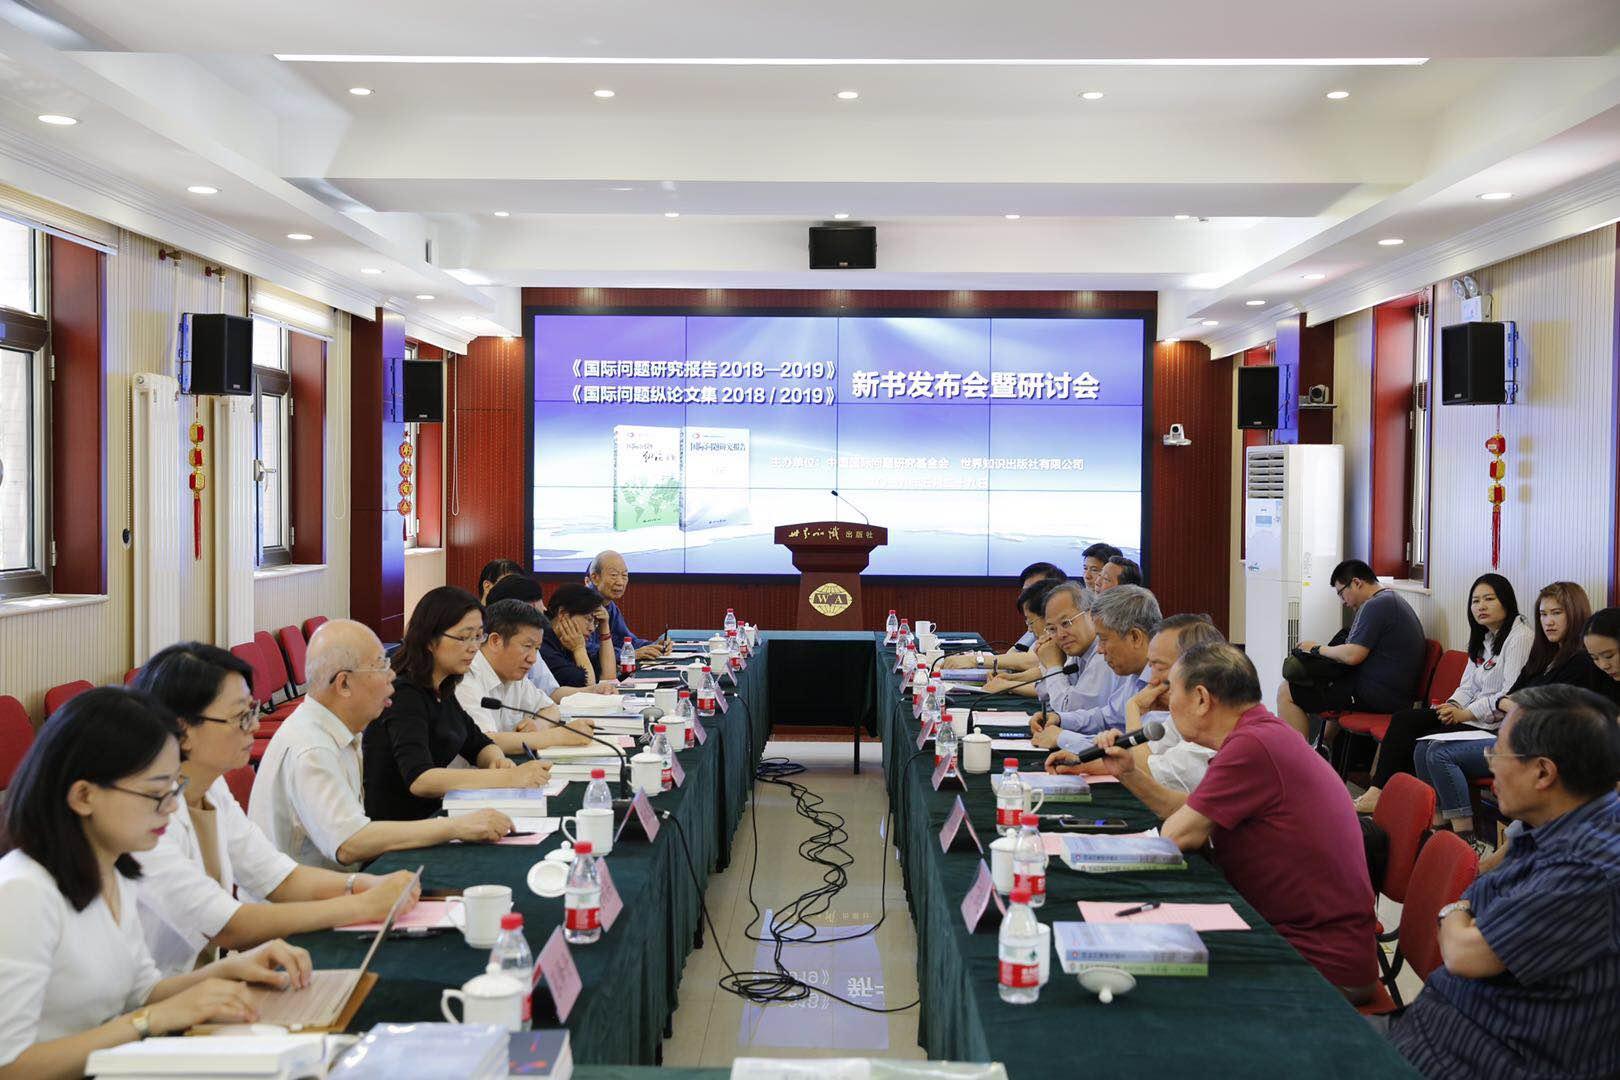 《国际问题研究报告2018—2019》《国际问题纵论文集2018/2019》新书发布会在京举办